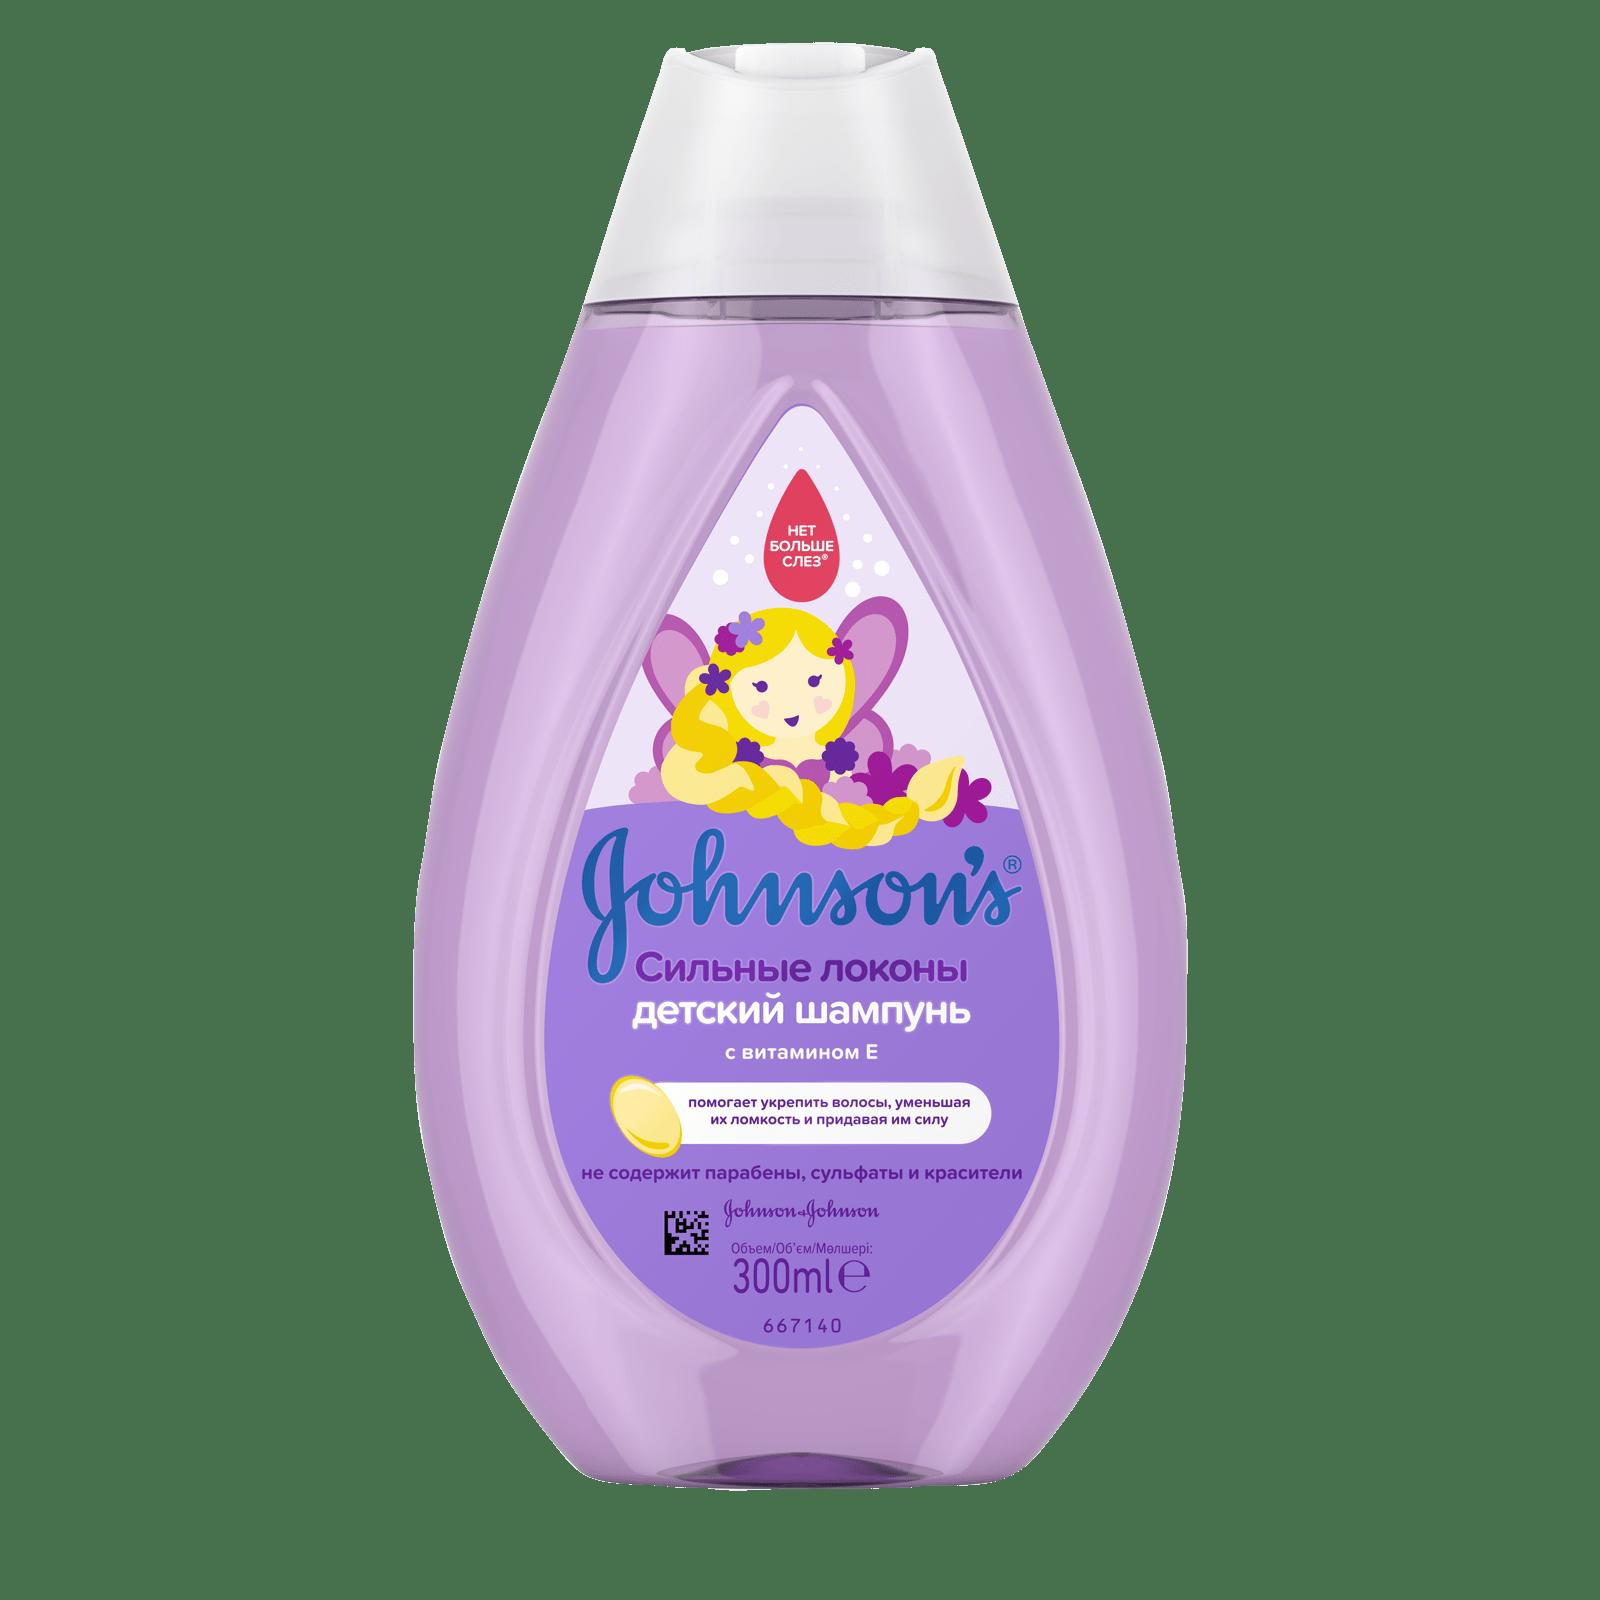 Детский шампунь для волос «Сильные локоны» Johnson's®: лицевая сторона